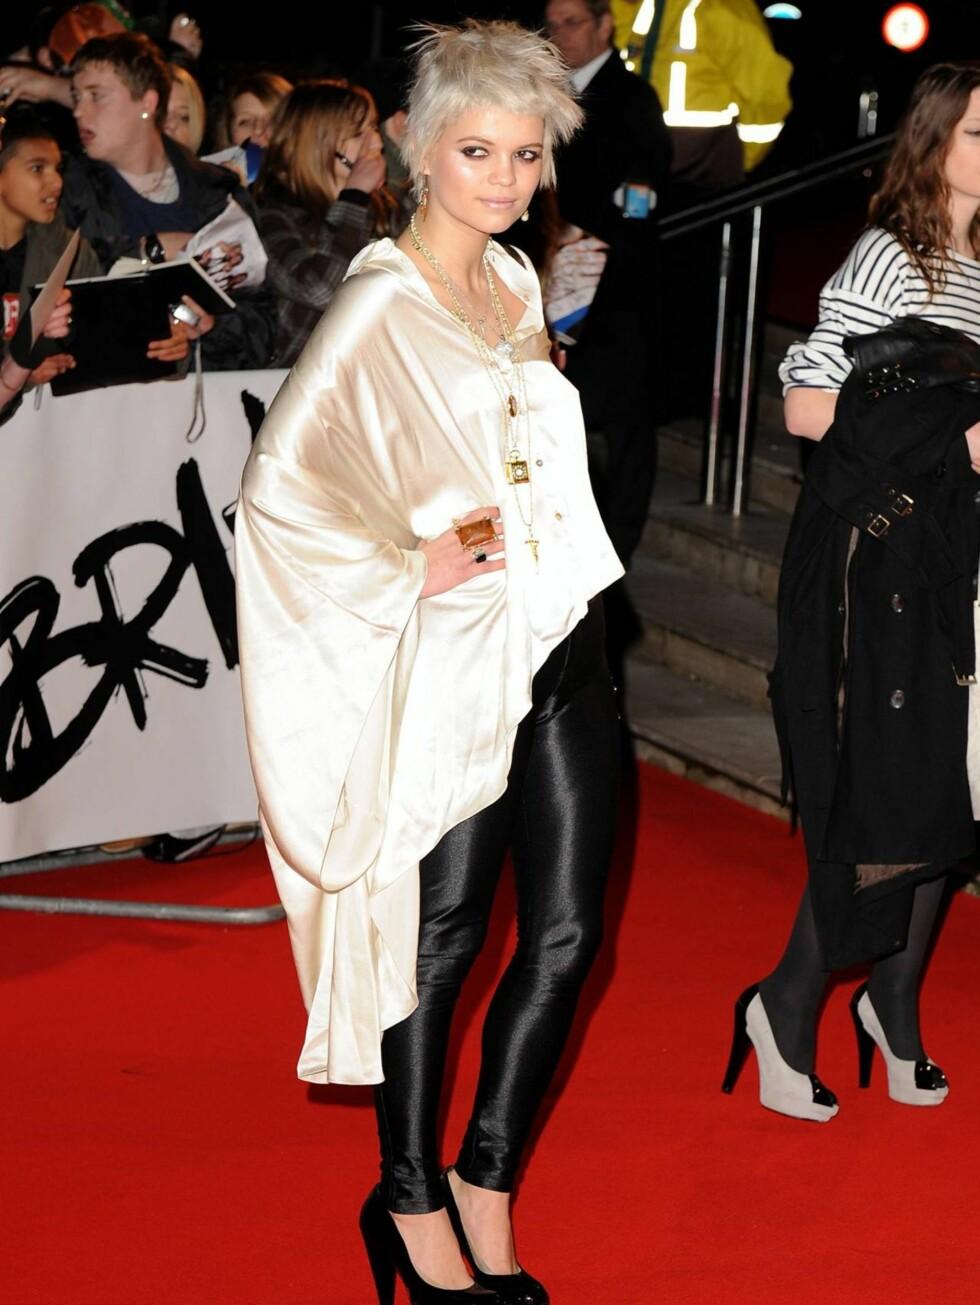 PIXIE: Rockerdatteren kom iført en silketopp og åletrange sorte leggings. Men det var nok det sløve uttrykket i ansiktet hennes som vekket mest oppmerksomhet.  Foto: All Over Press